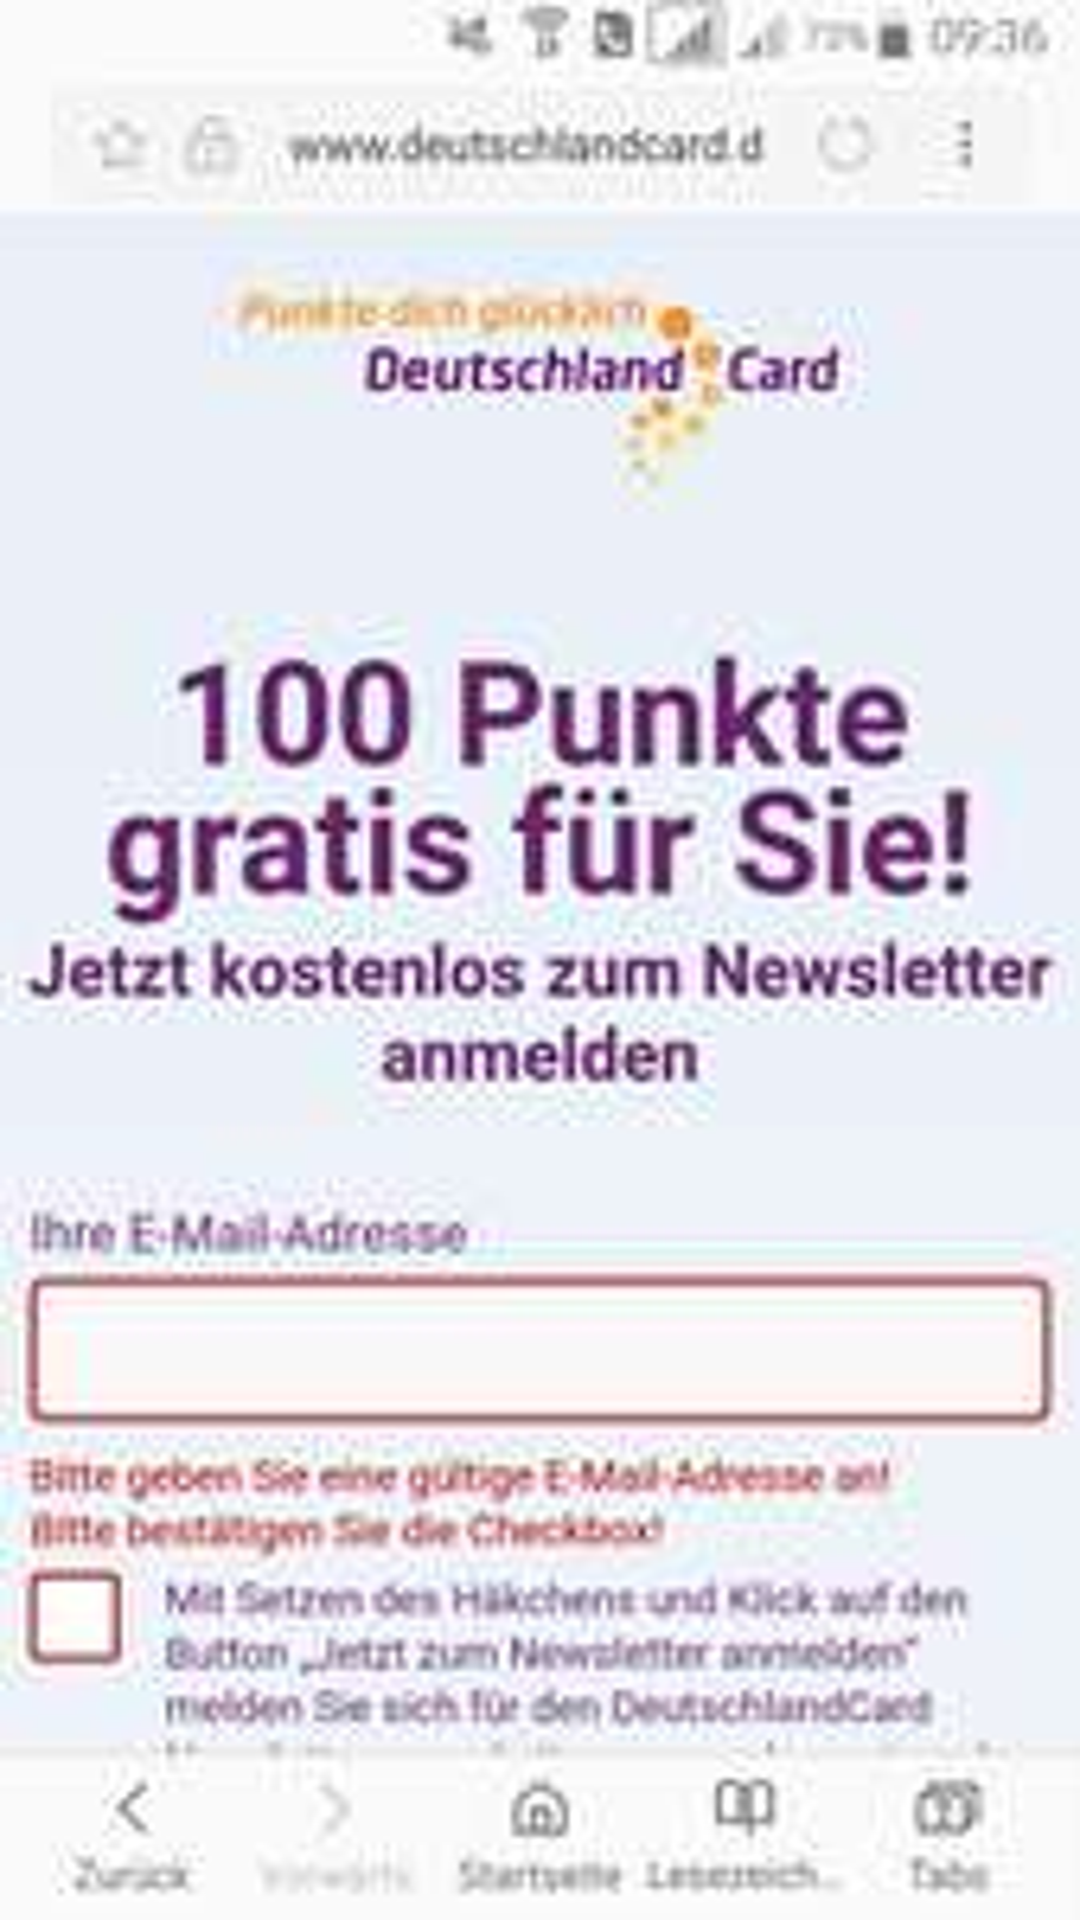 100-250 DeutschlandCardpunkte gratis für Newsletteranmeldung bis 12.11.17